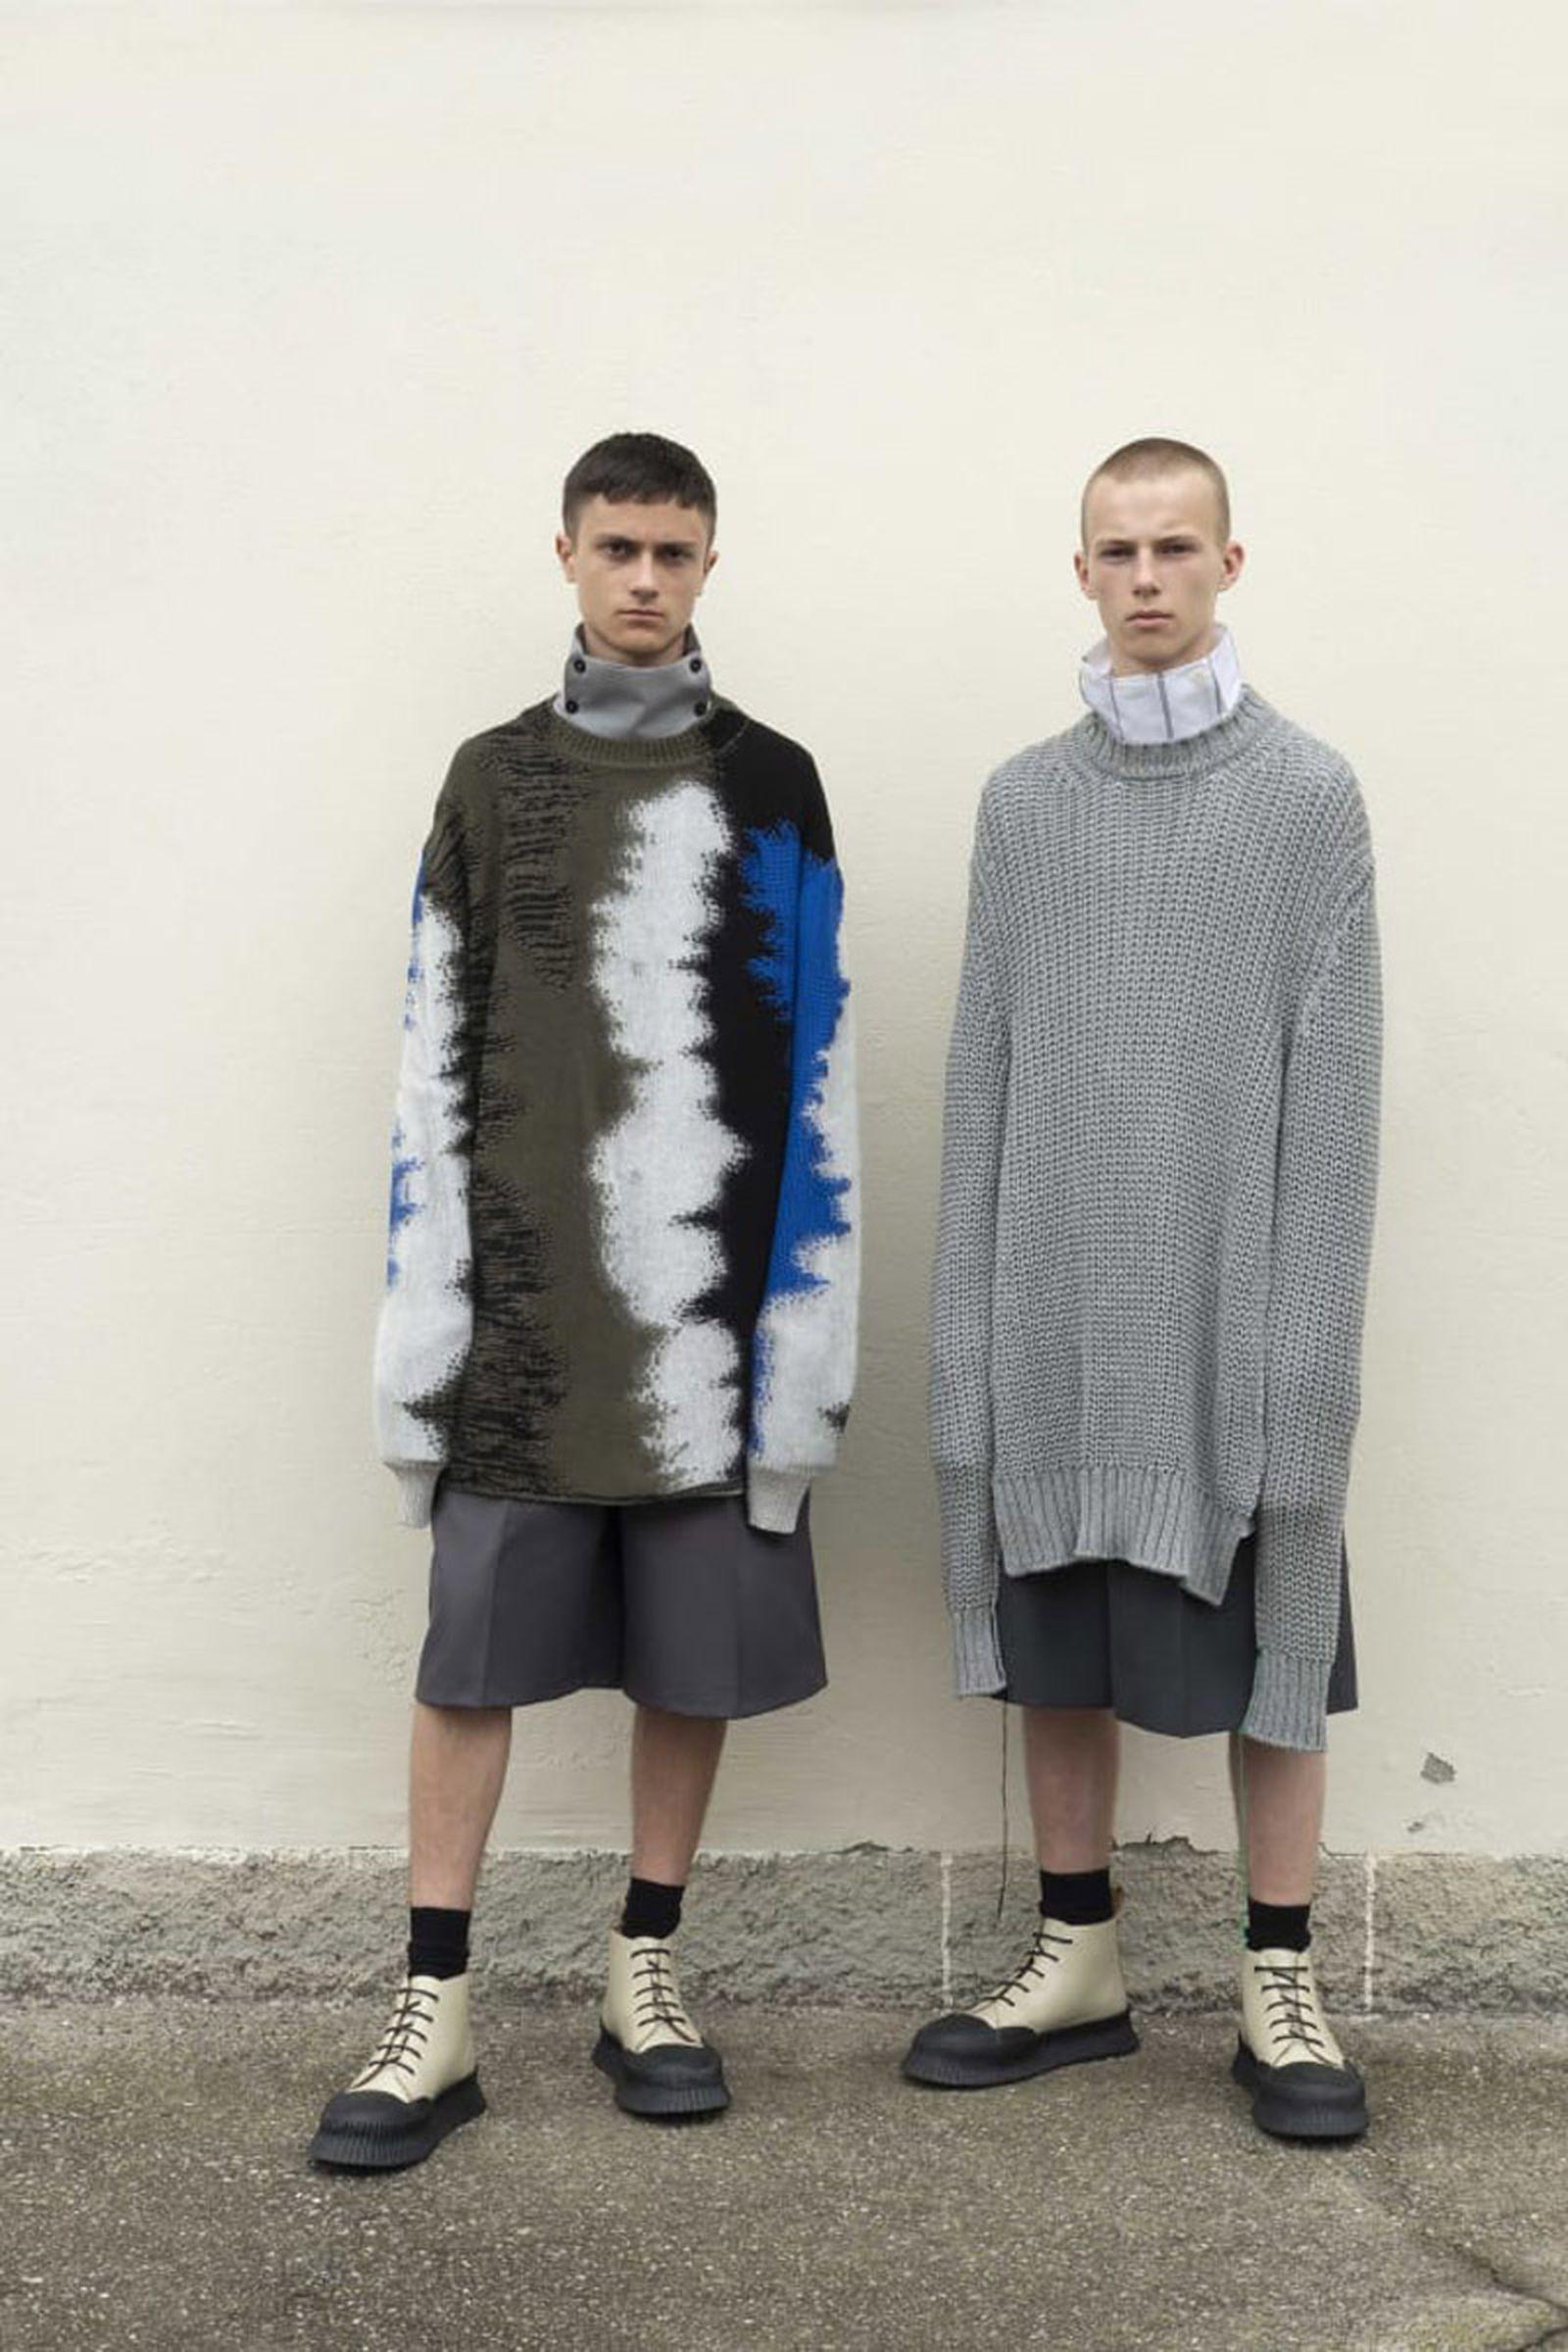 german clothing brands jil sander german clothing brands jil sander6 023c Adidas Boulezar